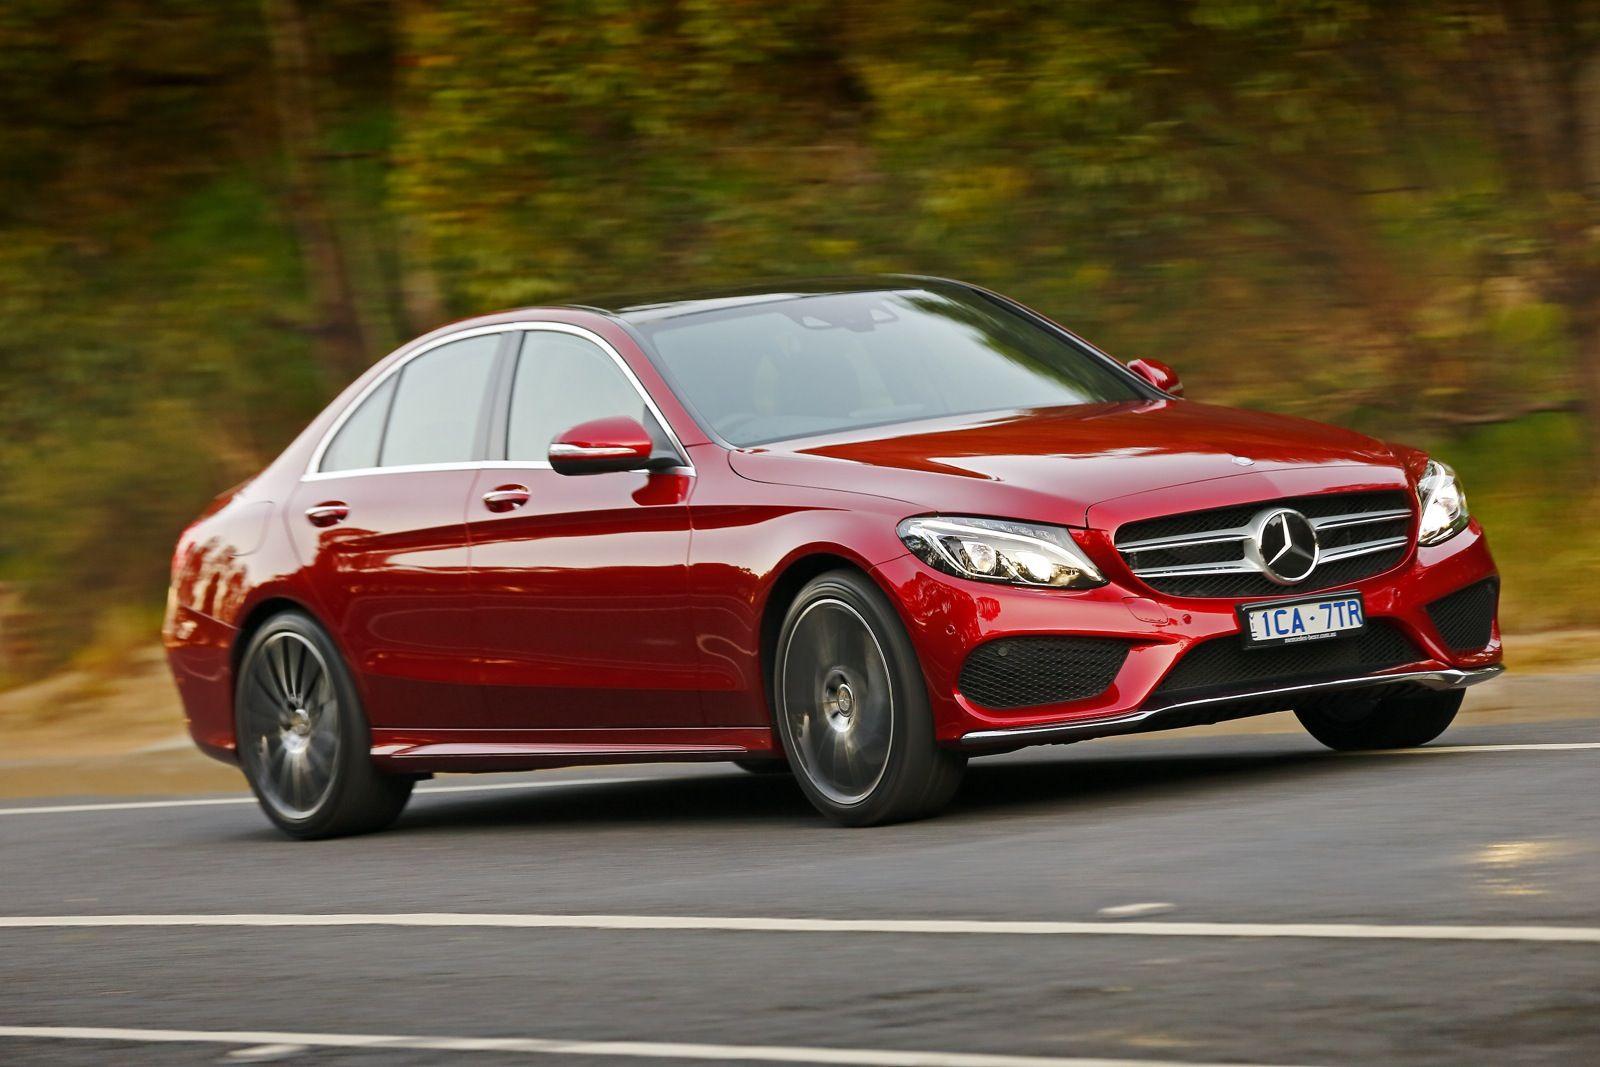 2015 Mercedes Benz C Class Avoids Luxury Car Tax Across The Board Benz C Mercedes Benz Benz